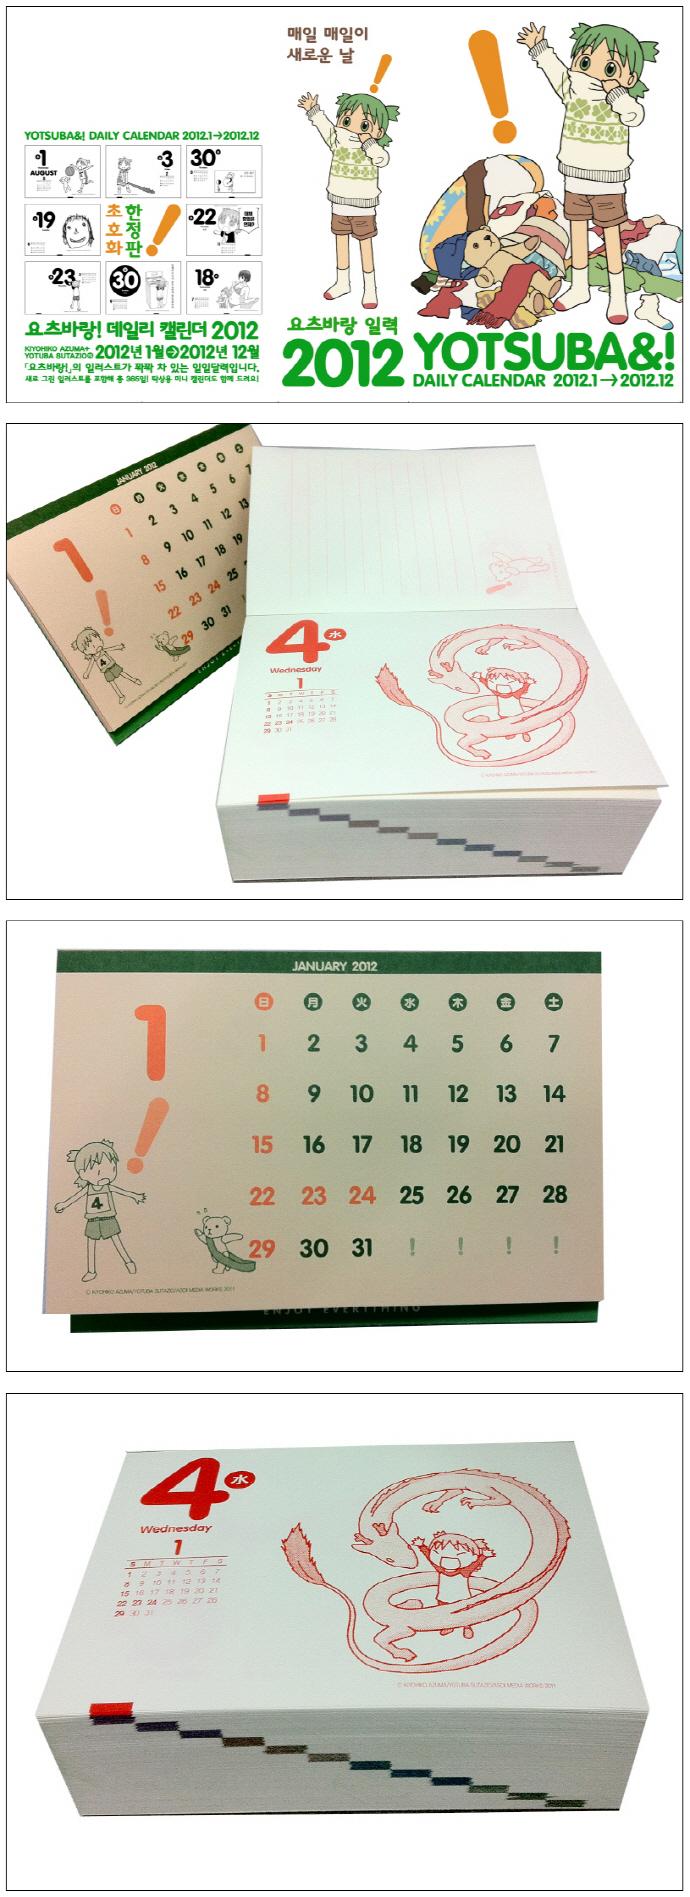 요츠바랑 Daily Calendar(2012) 도서 상세이미지